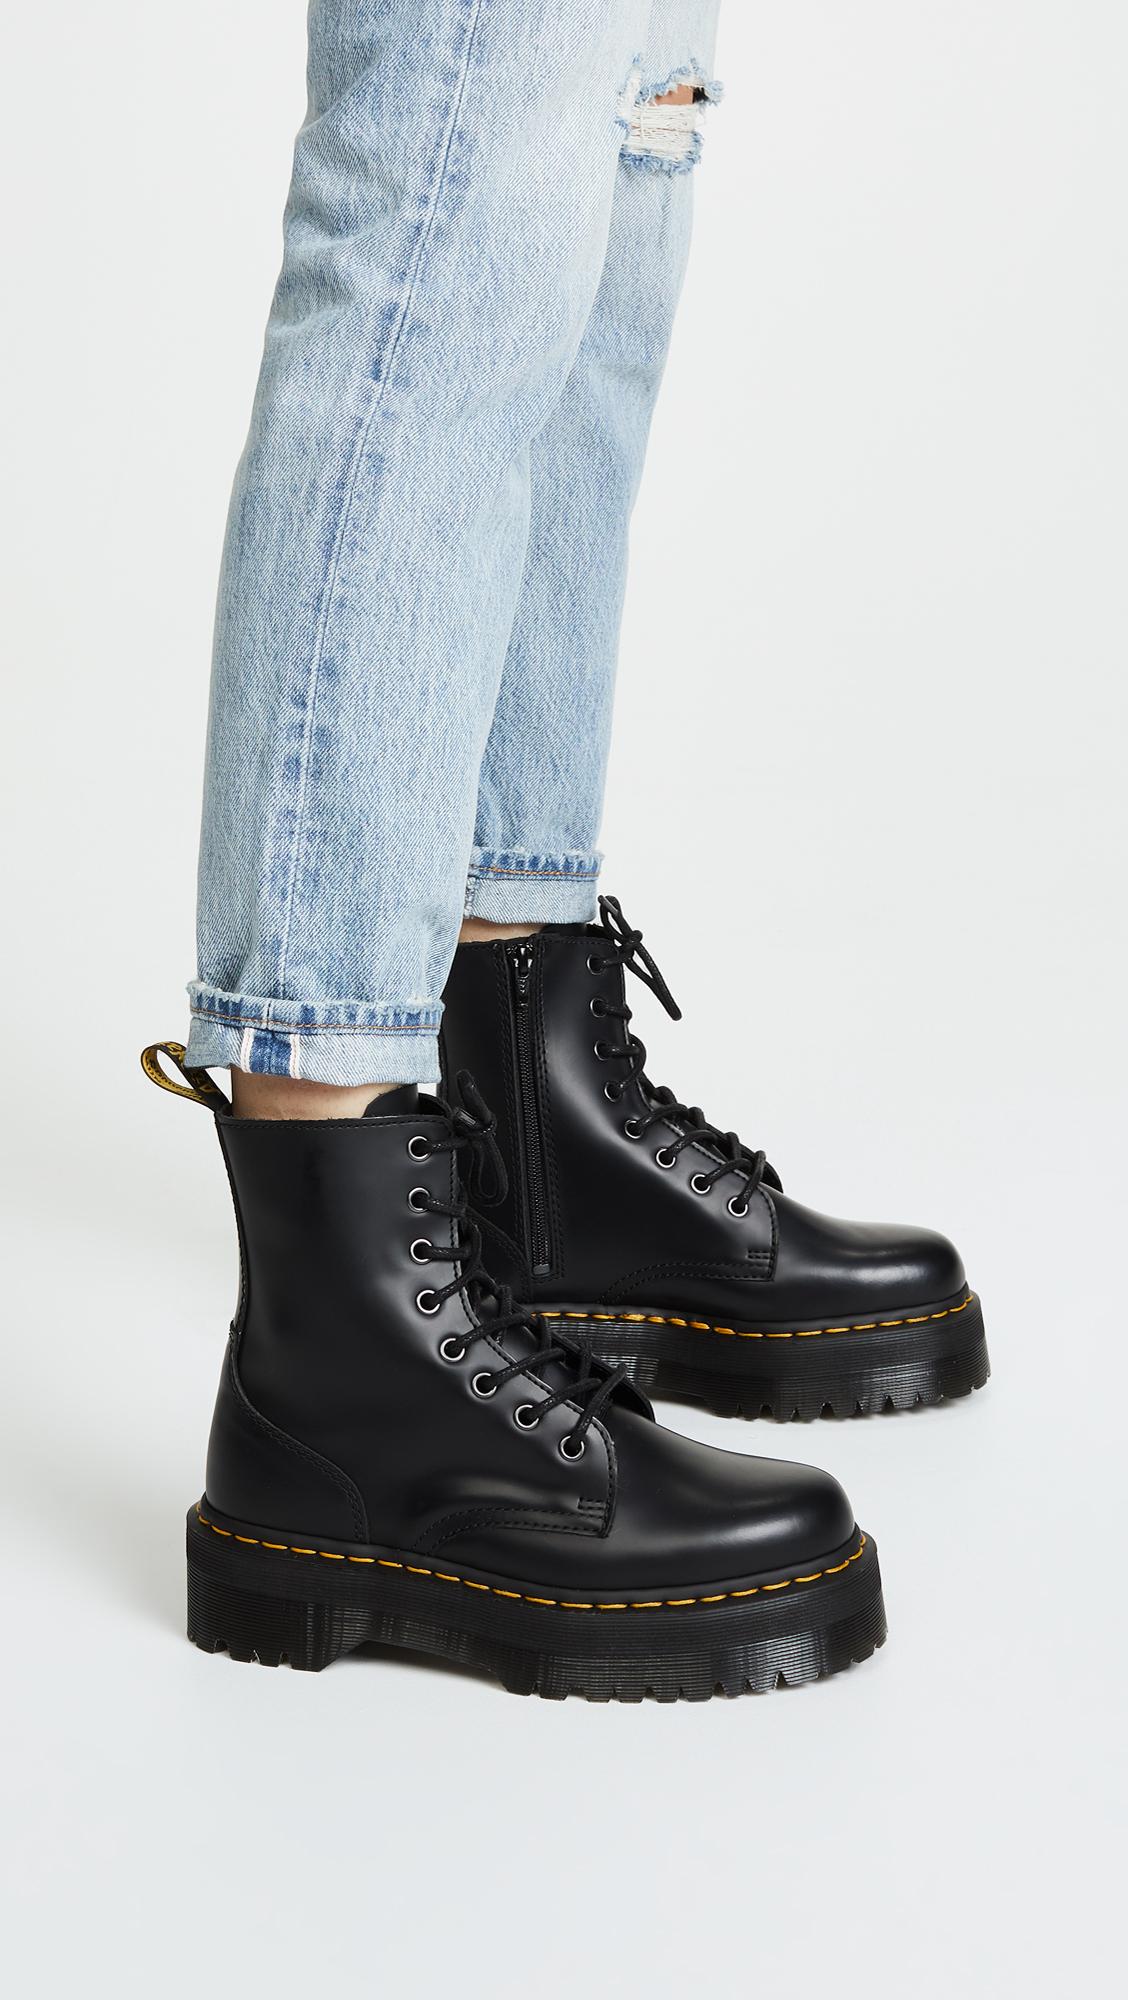 cc9a3d20cb1 Dr. Martens Jadon 8 Eye Boots